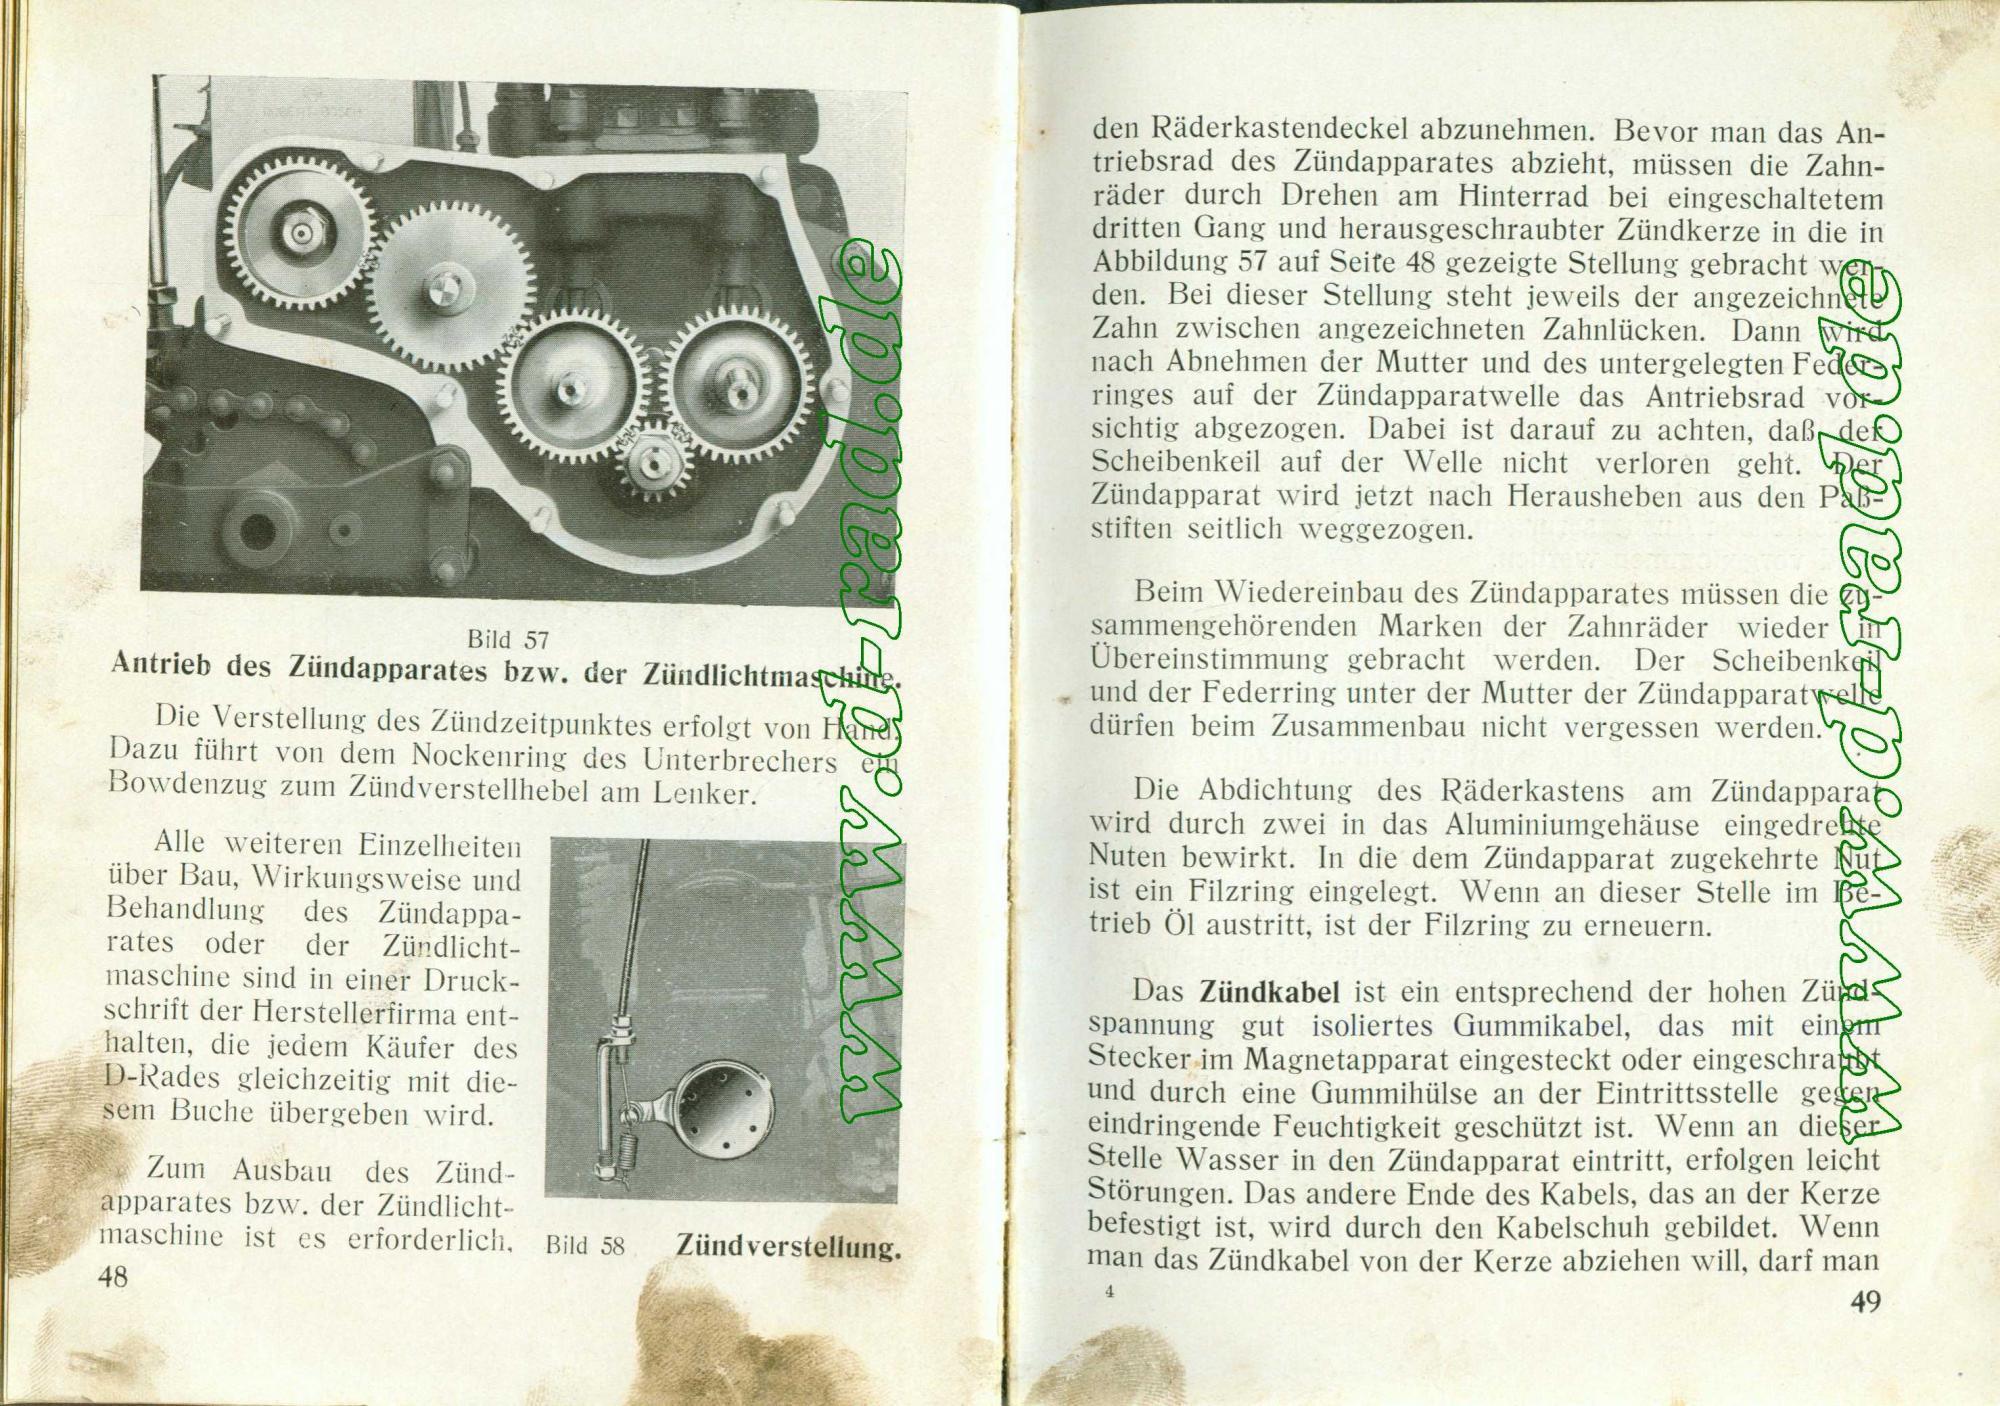 Gemütlich Db25 Drahtfarbcode Bilder - Schaltplan Serie Circuit ...